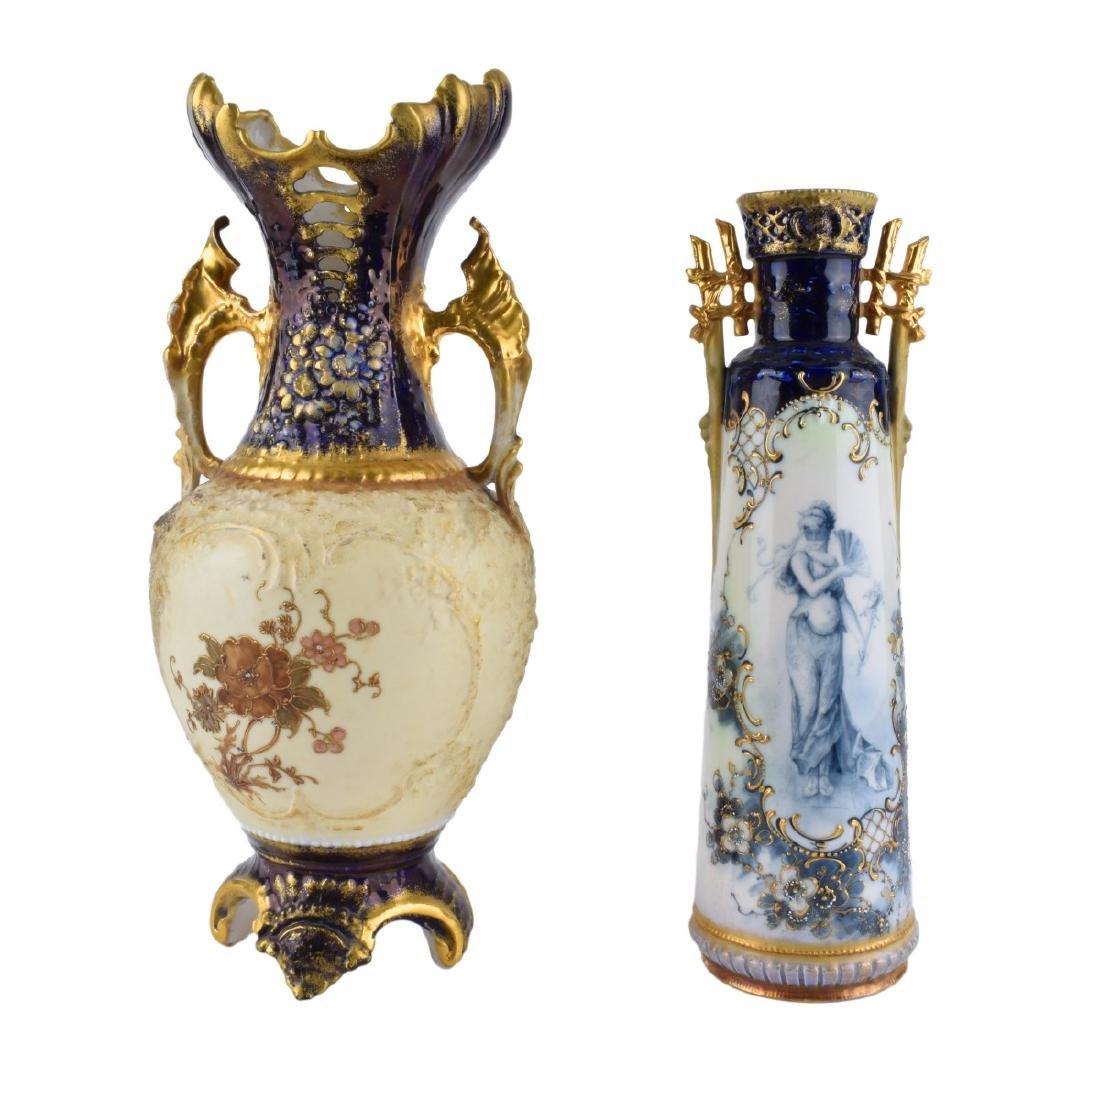 Two (2) Turn Teplitz Amphora Vases